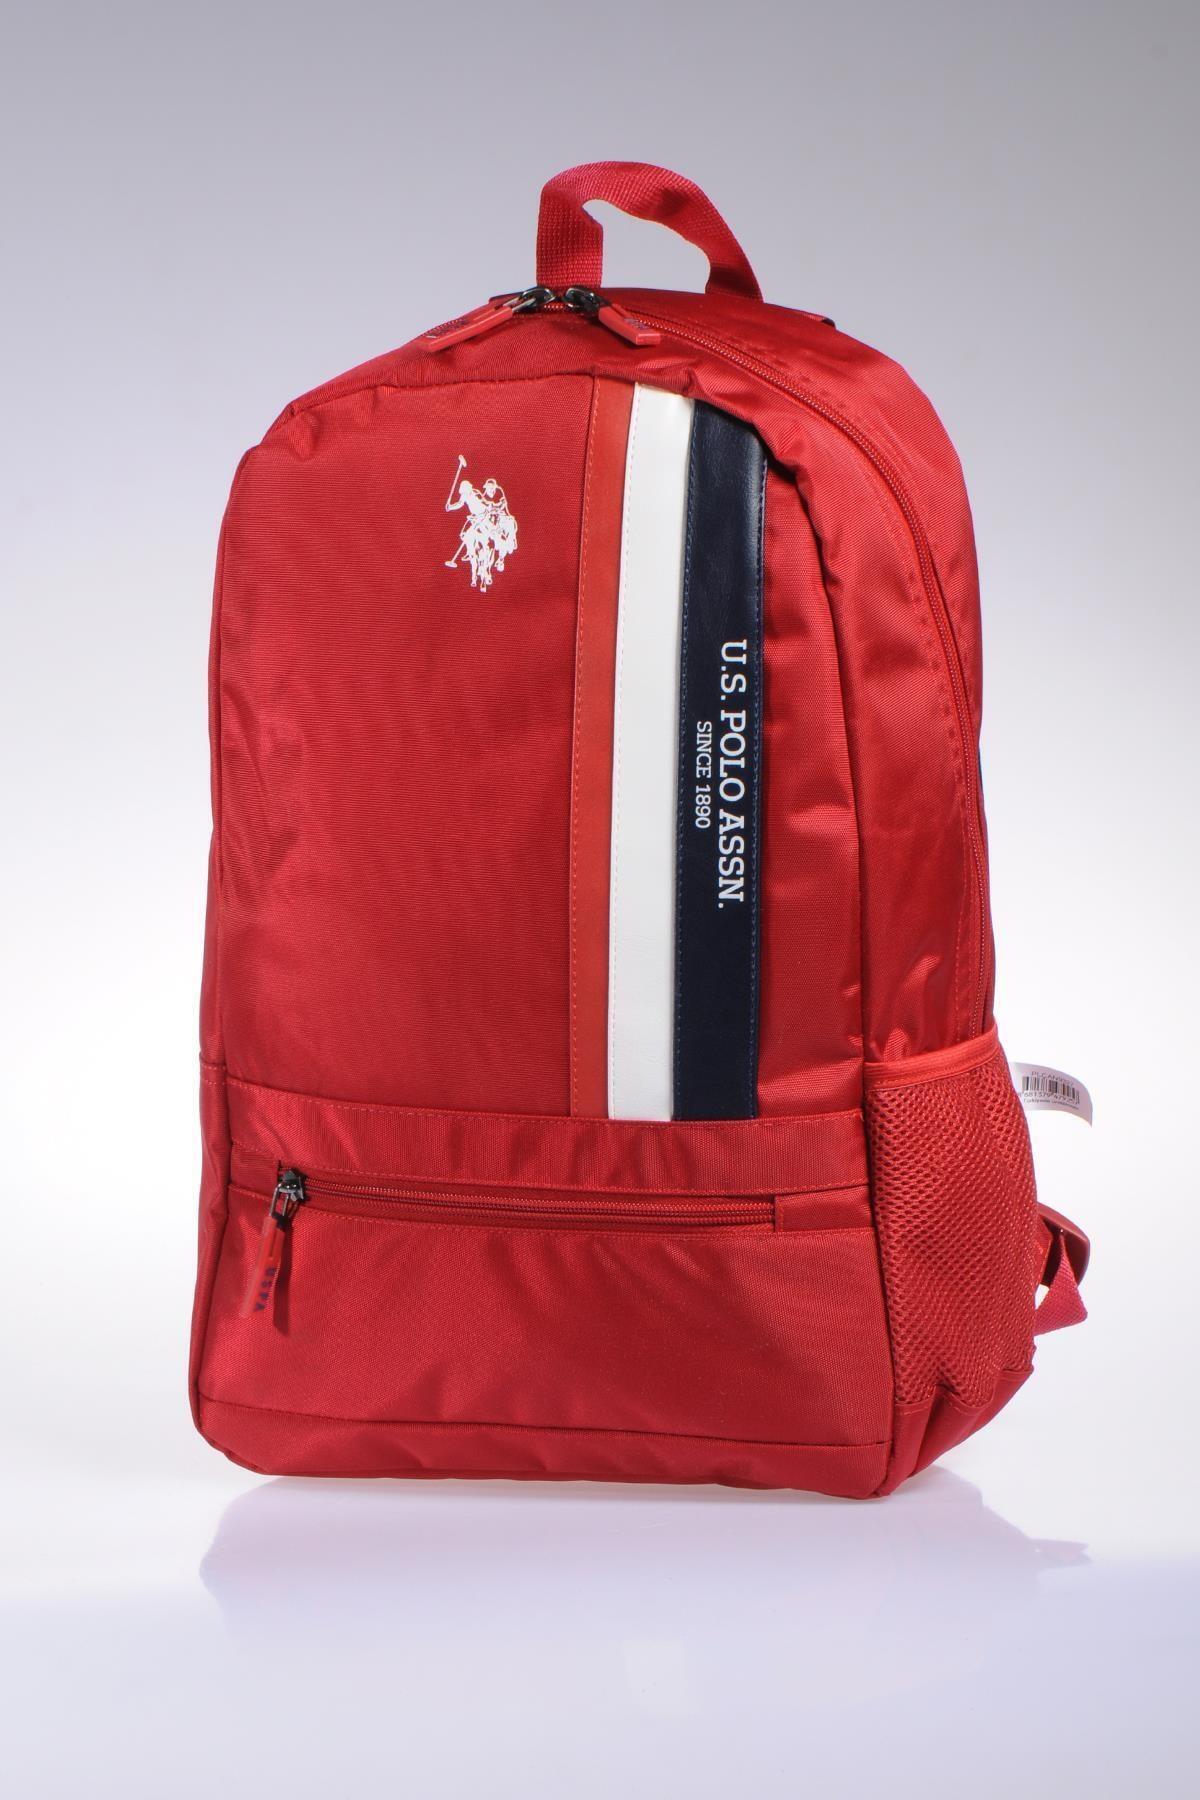 U.S. Polo Assn. Plçan9327 Kırmızı Kadın Sırt Çantası 2